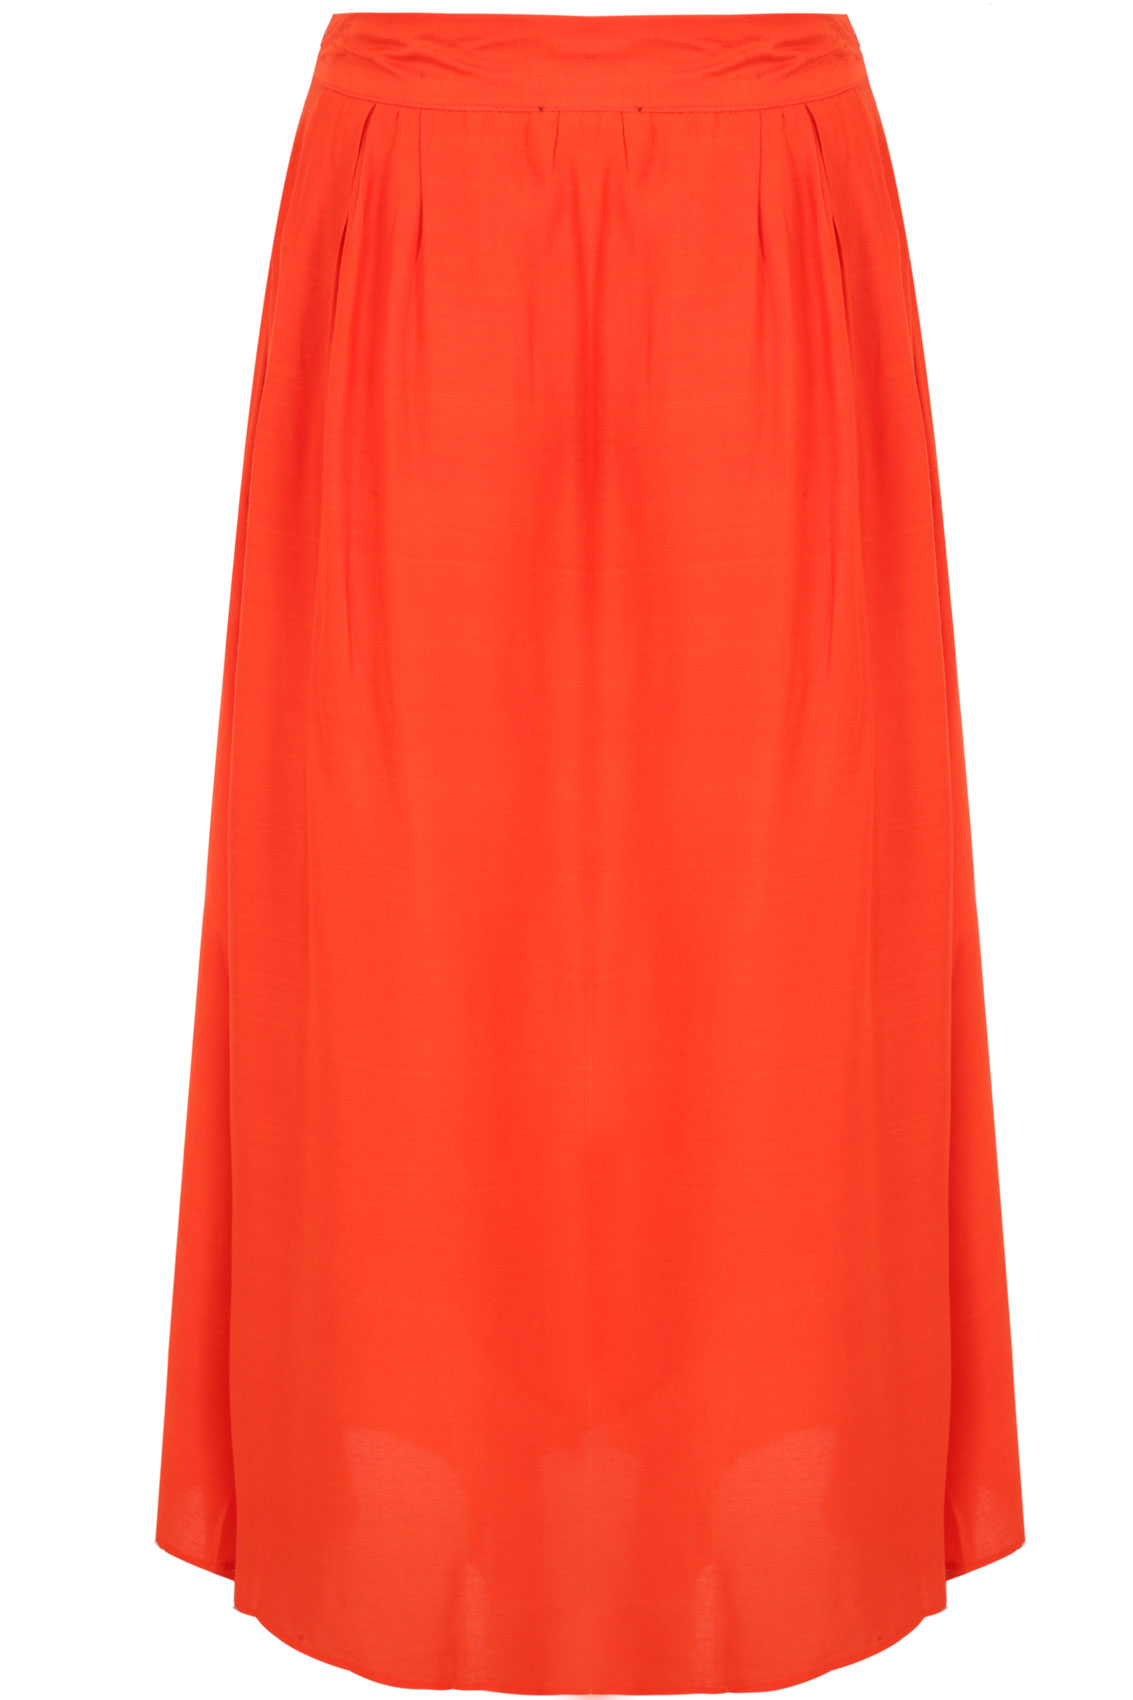 orange wrap maxi skirt plus size 14 16 18 20 22 24 26 28